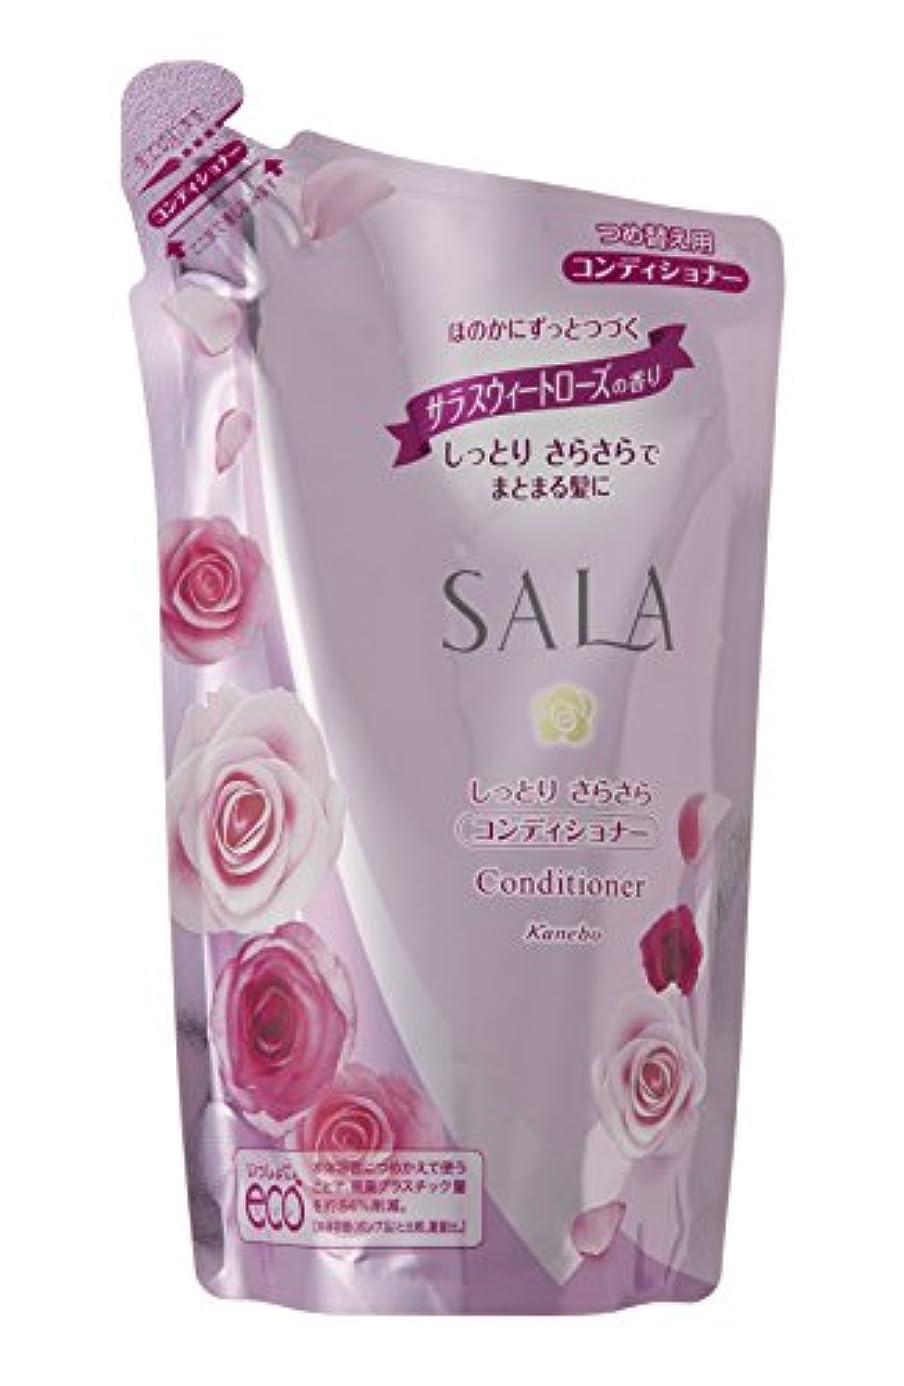 に応じてジュニア恥ずかしさサラ コンディショナー しっとりさらさら サラスウィートローズの香り